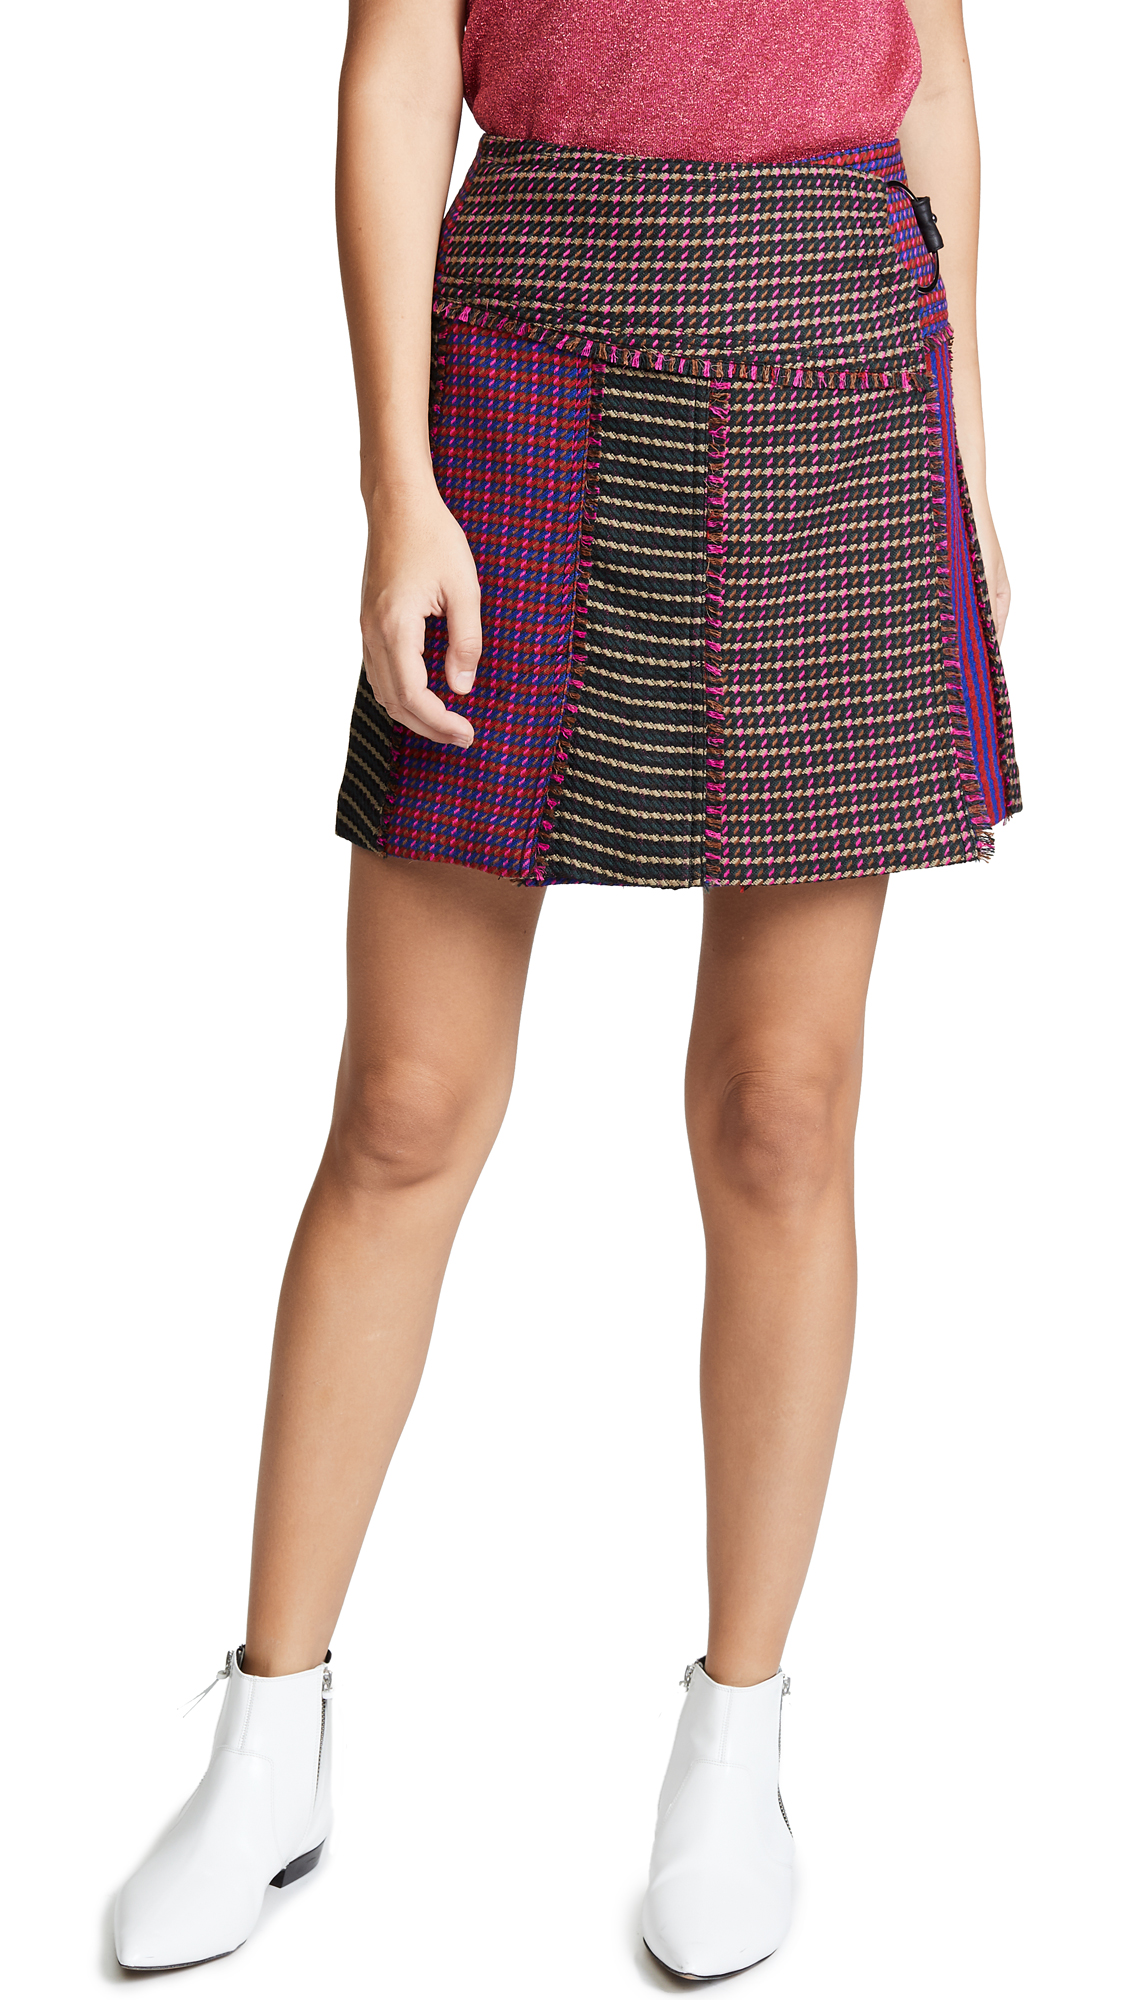 Tanya Taylor Maya Skirt In Black/Hot Pink